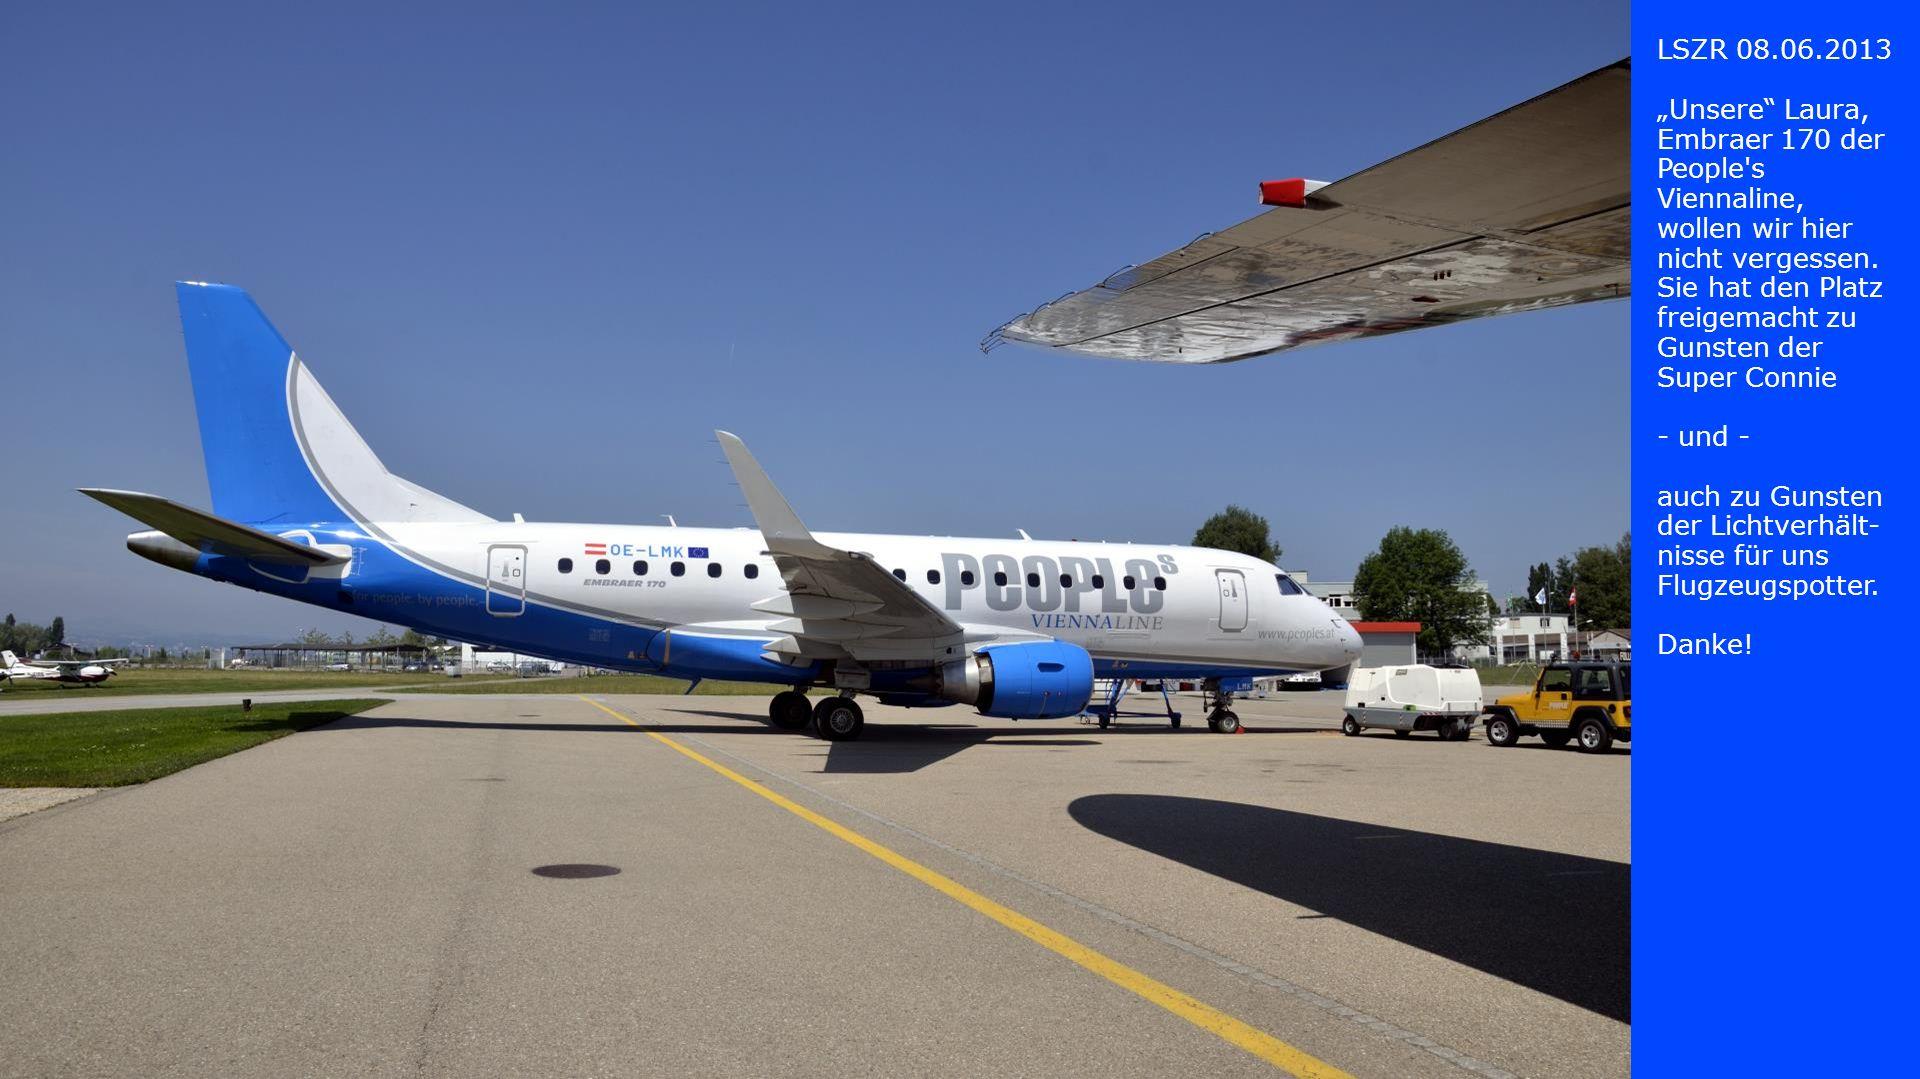 """LSZR 08.06.2013 """"Unsere Laura, Embraer 170 der People s Viennaline, wollen wir hier nicht vergessen."""